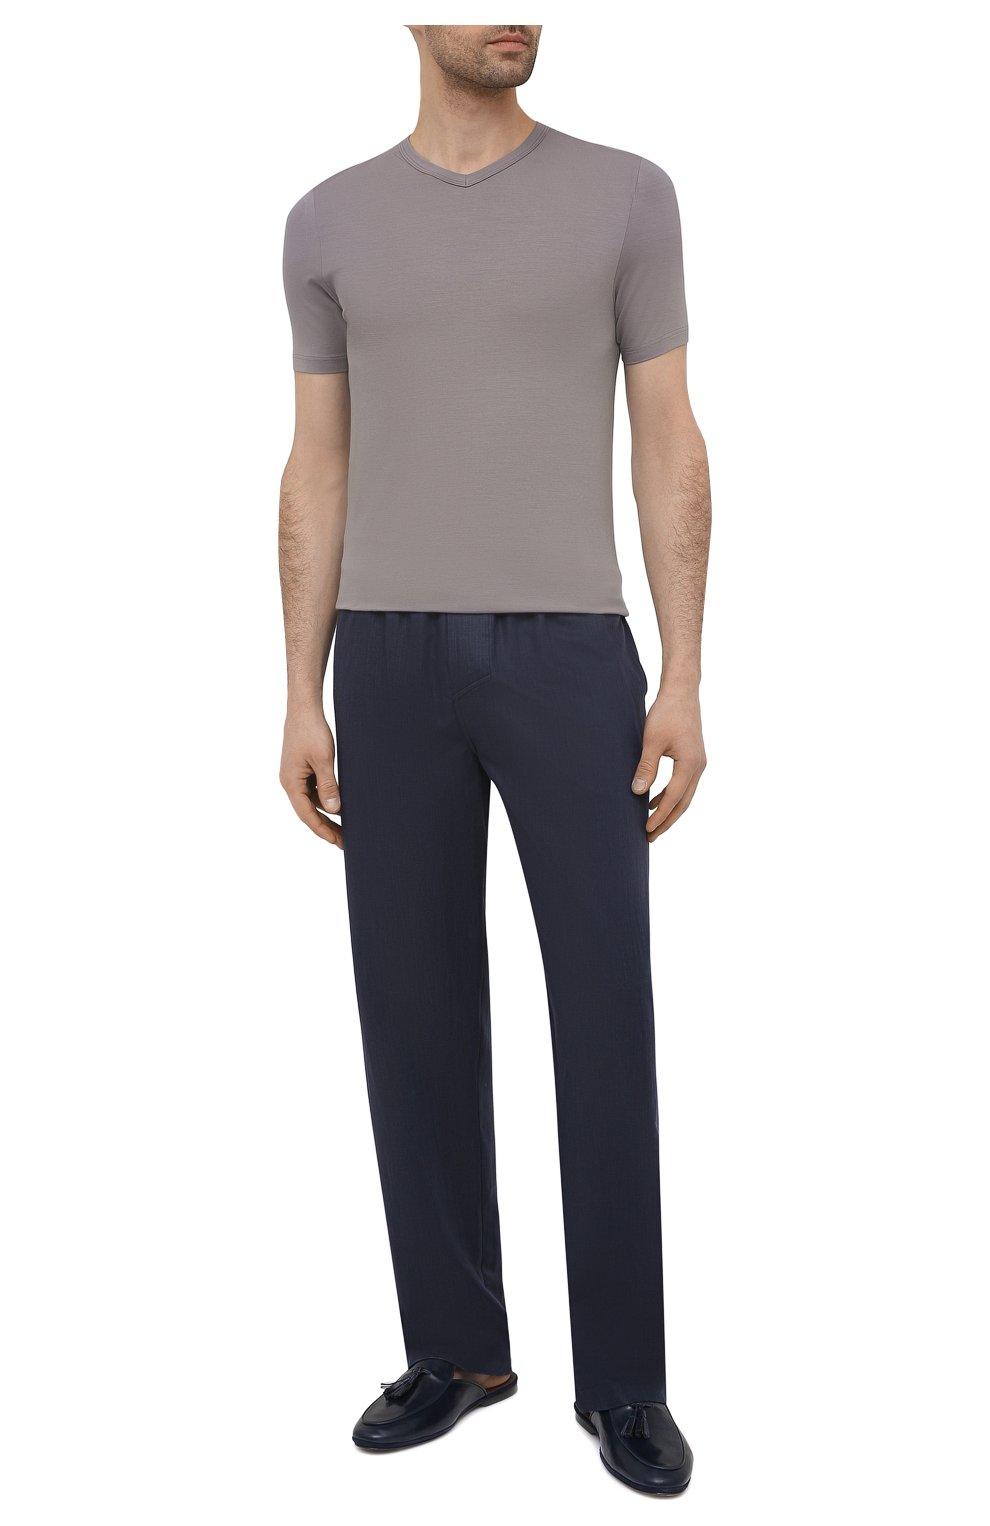 Мужская футболка ZIMMERLI серого цвета, арт. 700-1346 | Фото 2 (Кросс-КТ: домашняя одежда; Рукава: Короткие; Материал внешний: Синтетический материал; Длина (для топов): Стандартные; Мужское Кросс-КТ: Футболка-белье)